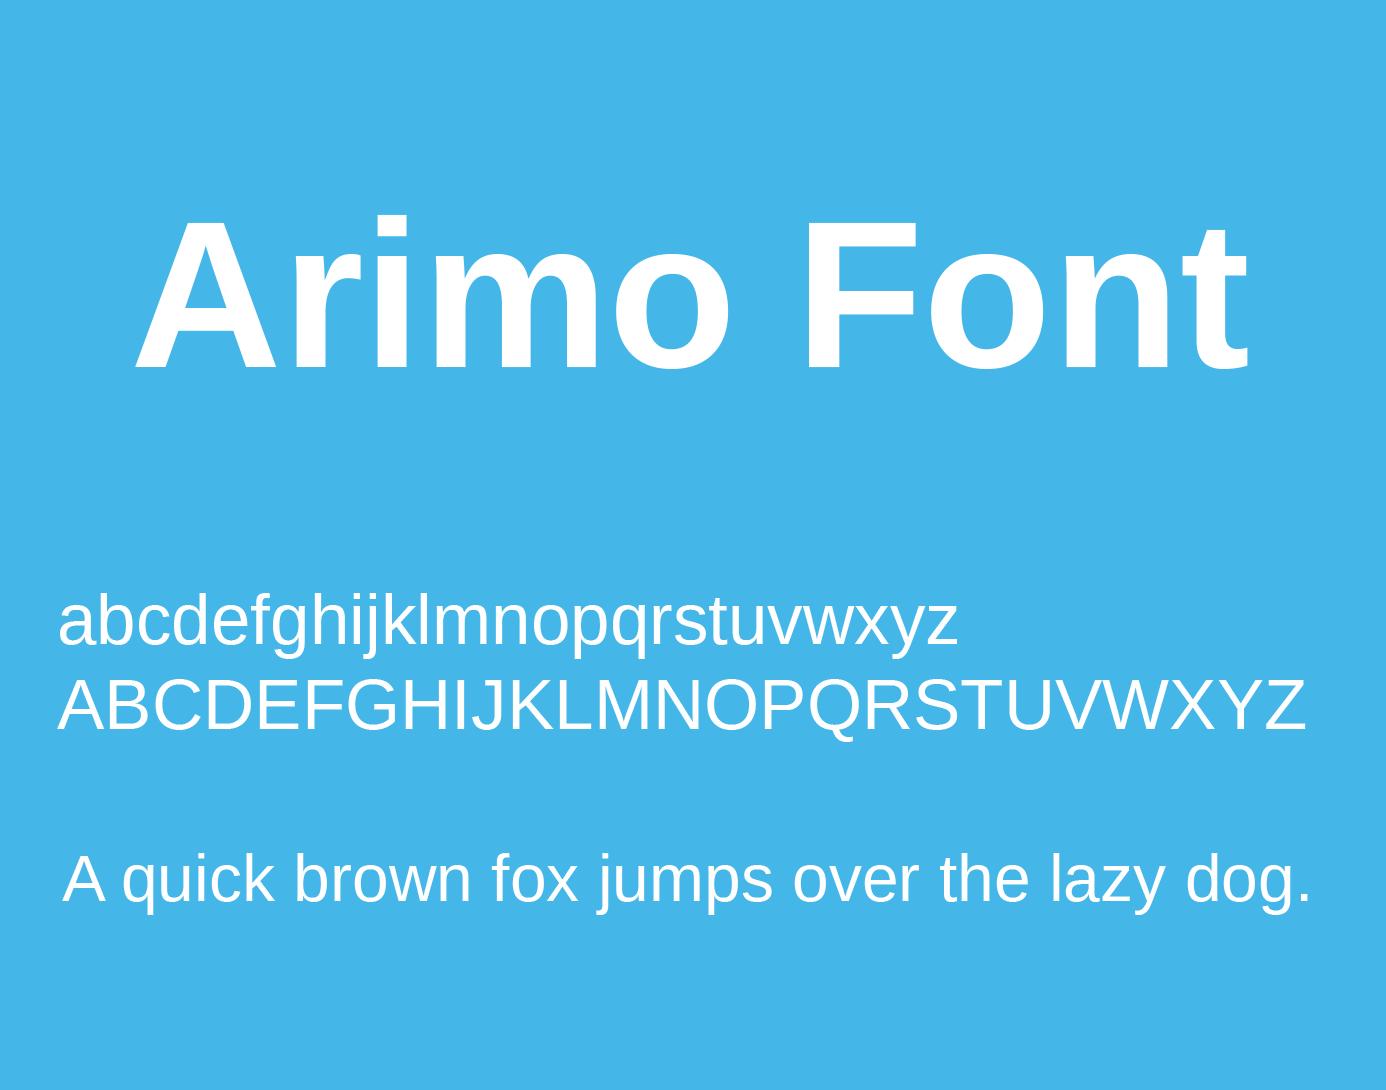 arimo-font